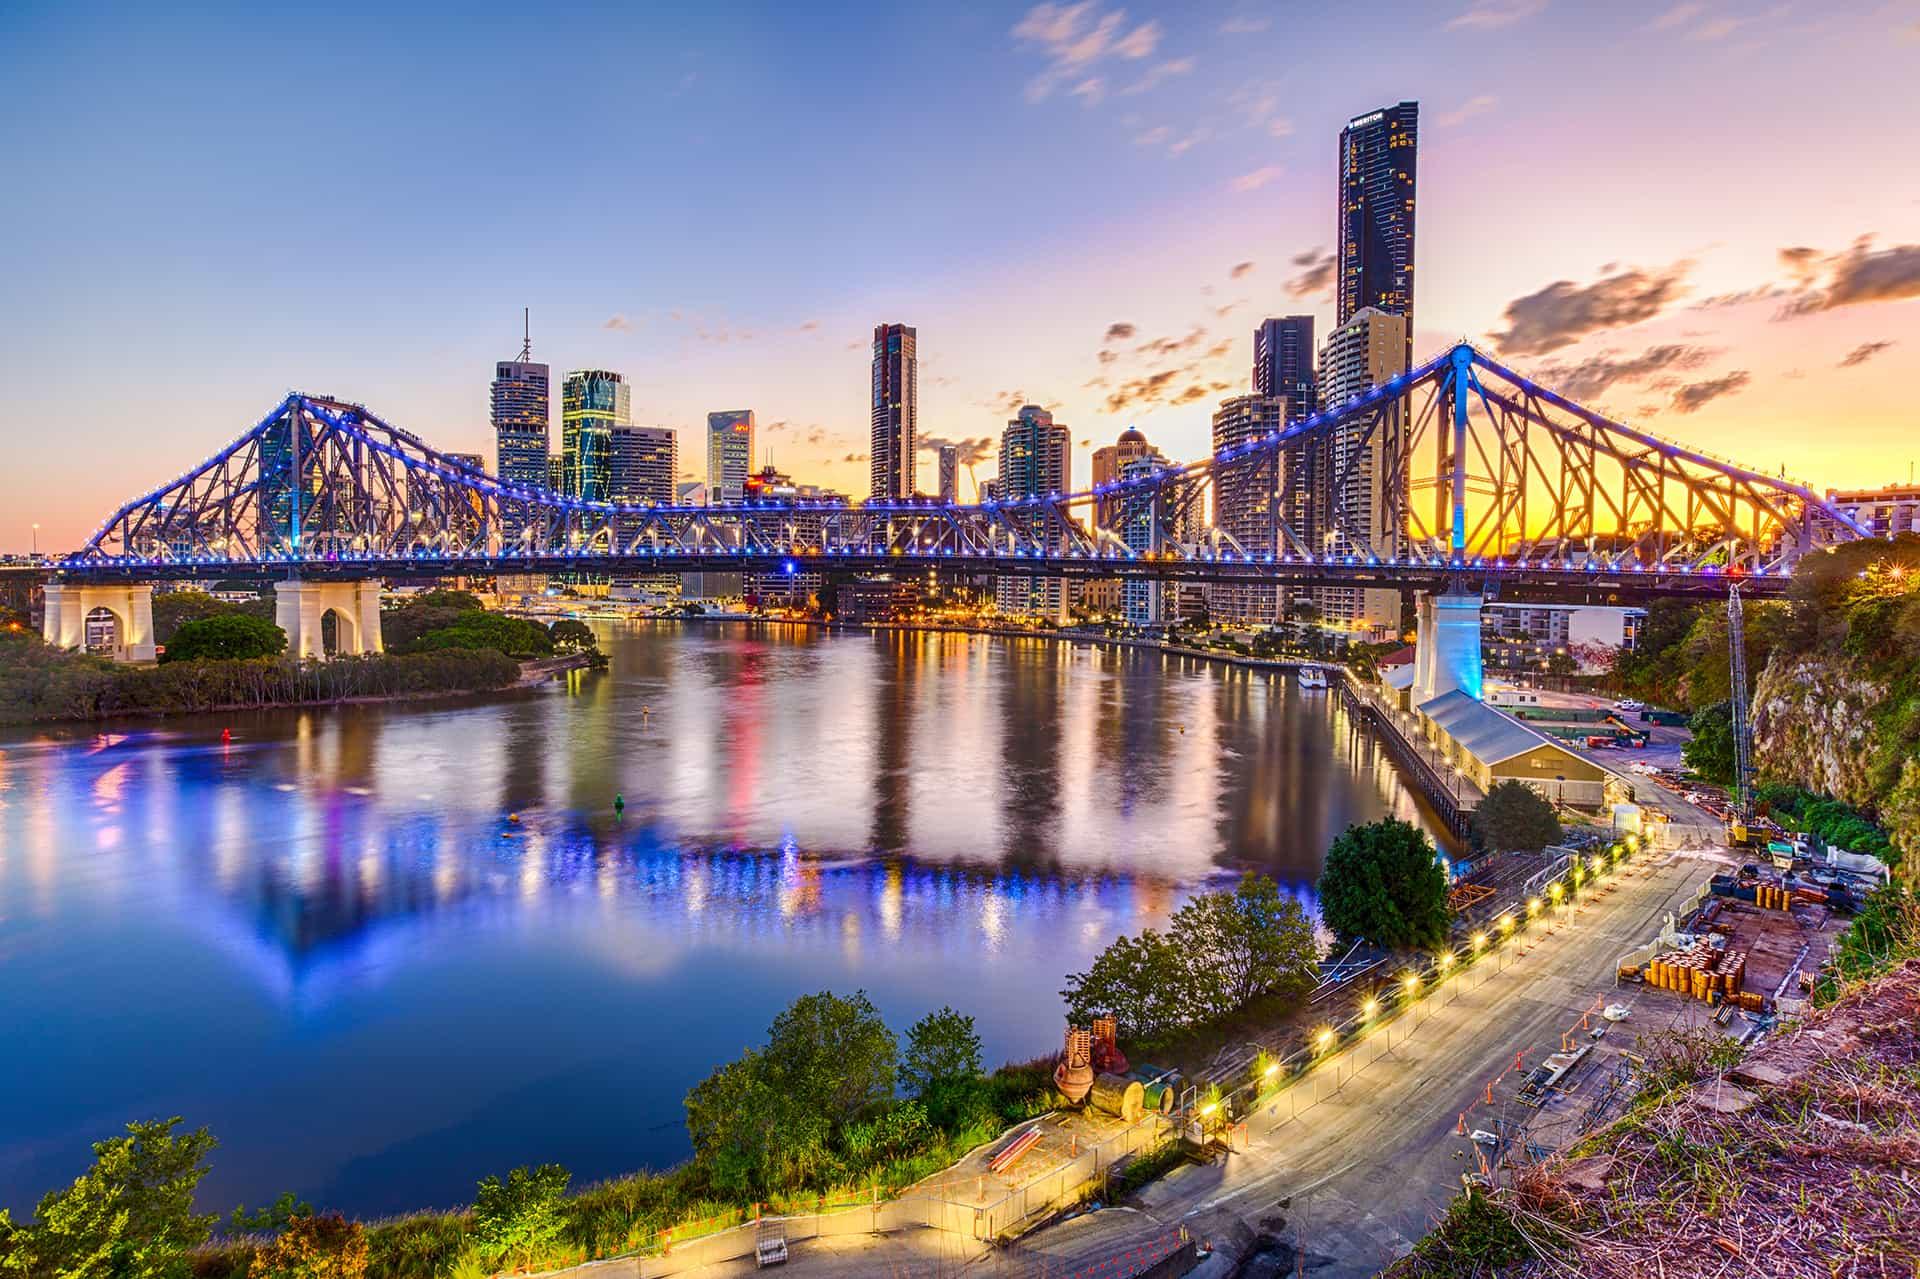 โปรโมชั่น AirAsia กับเส้นทางใหม่บินตรงสู่เมือง Brisbane ประเทศออสเตรียเรีย ด้วยราคาเริ่มตั้นที่ 4,630 บาท